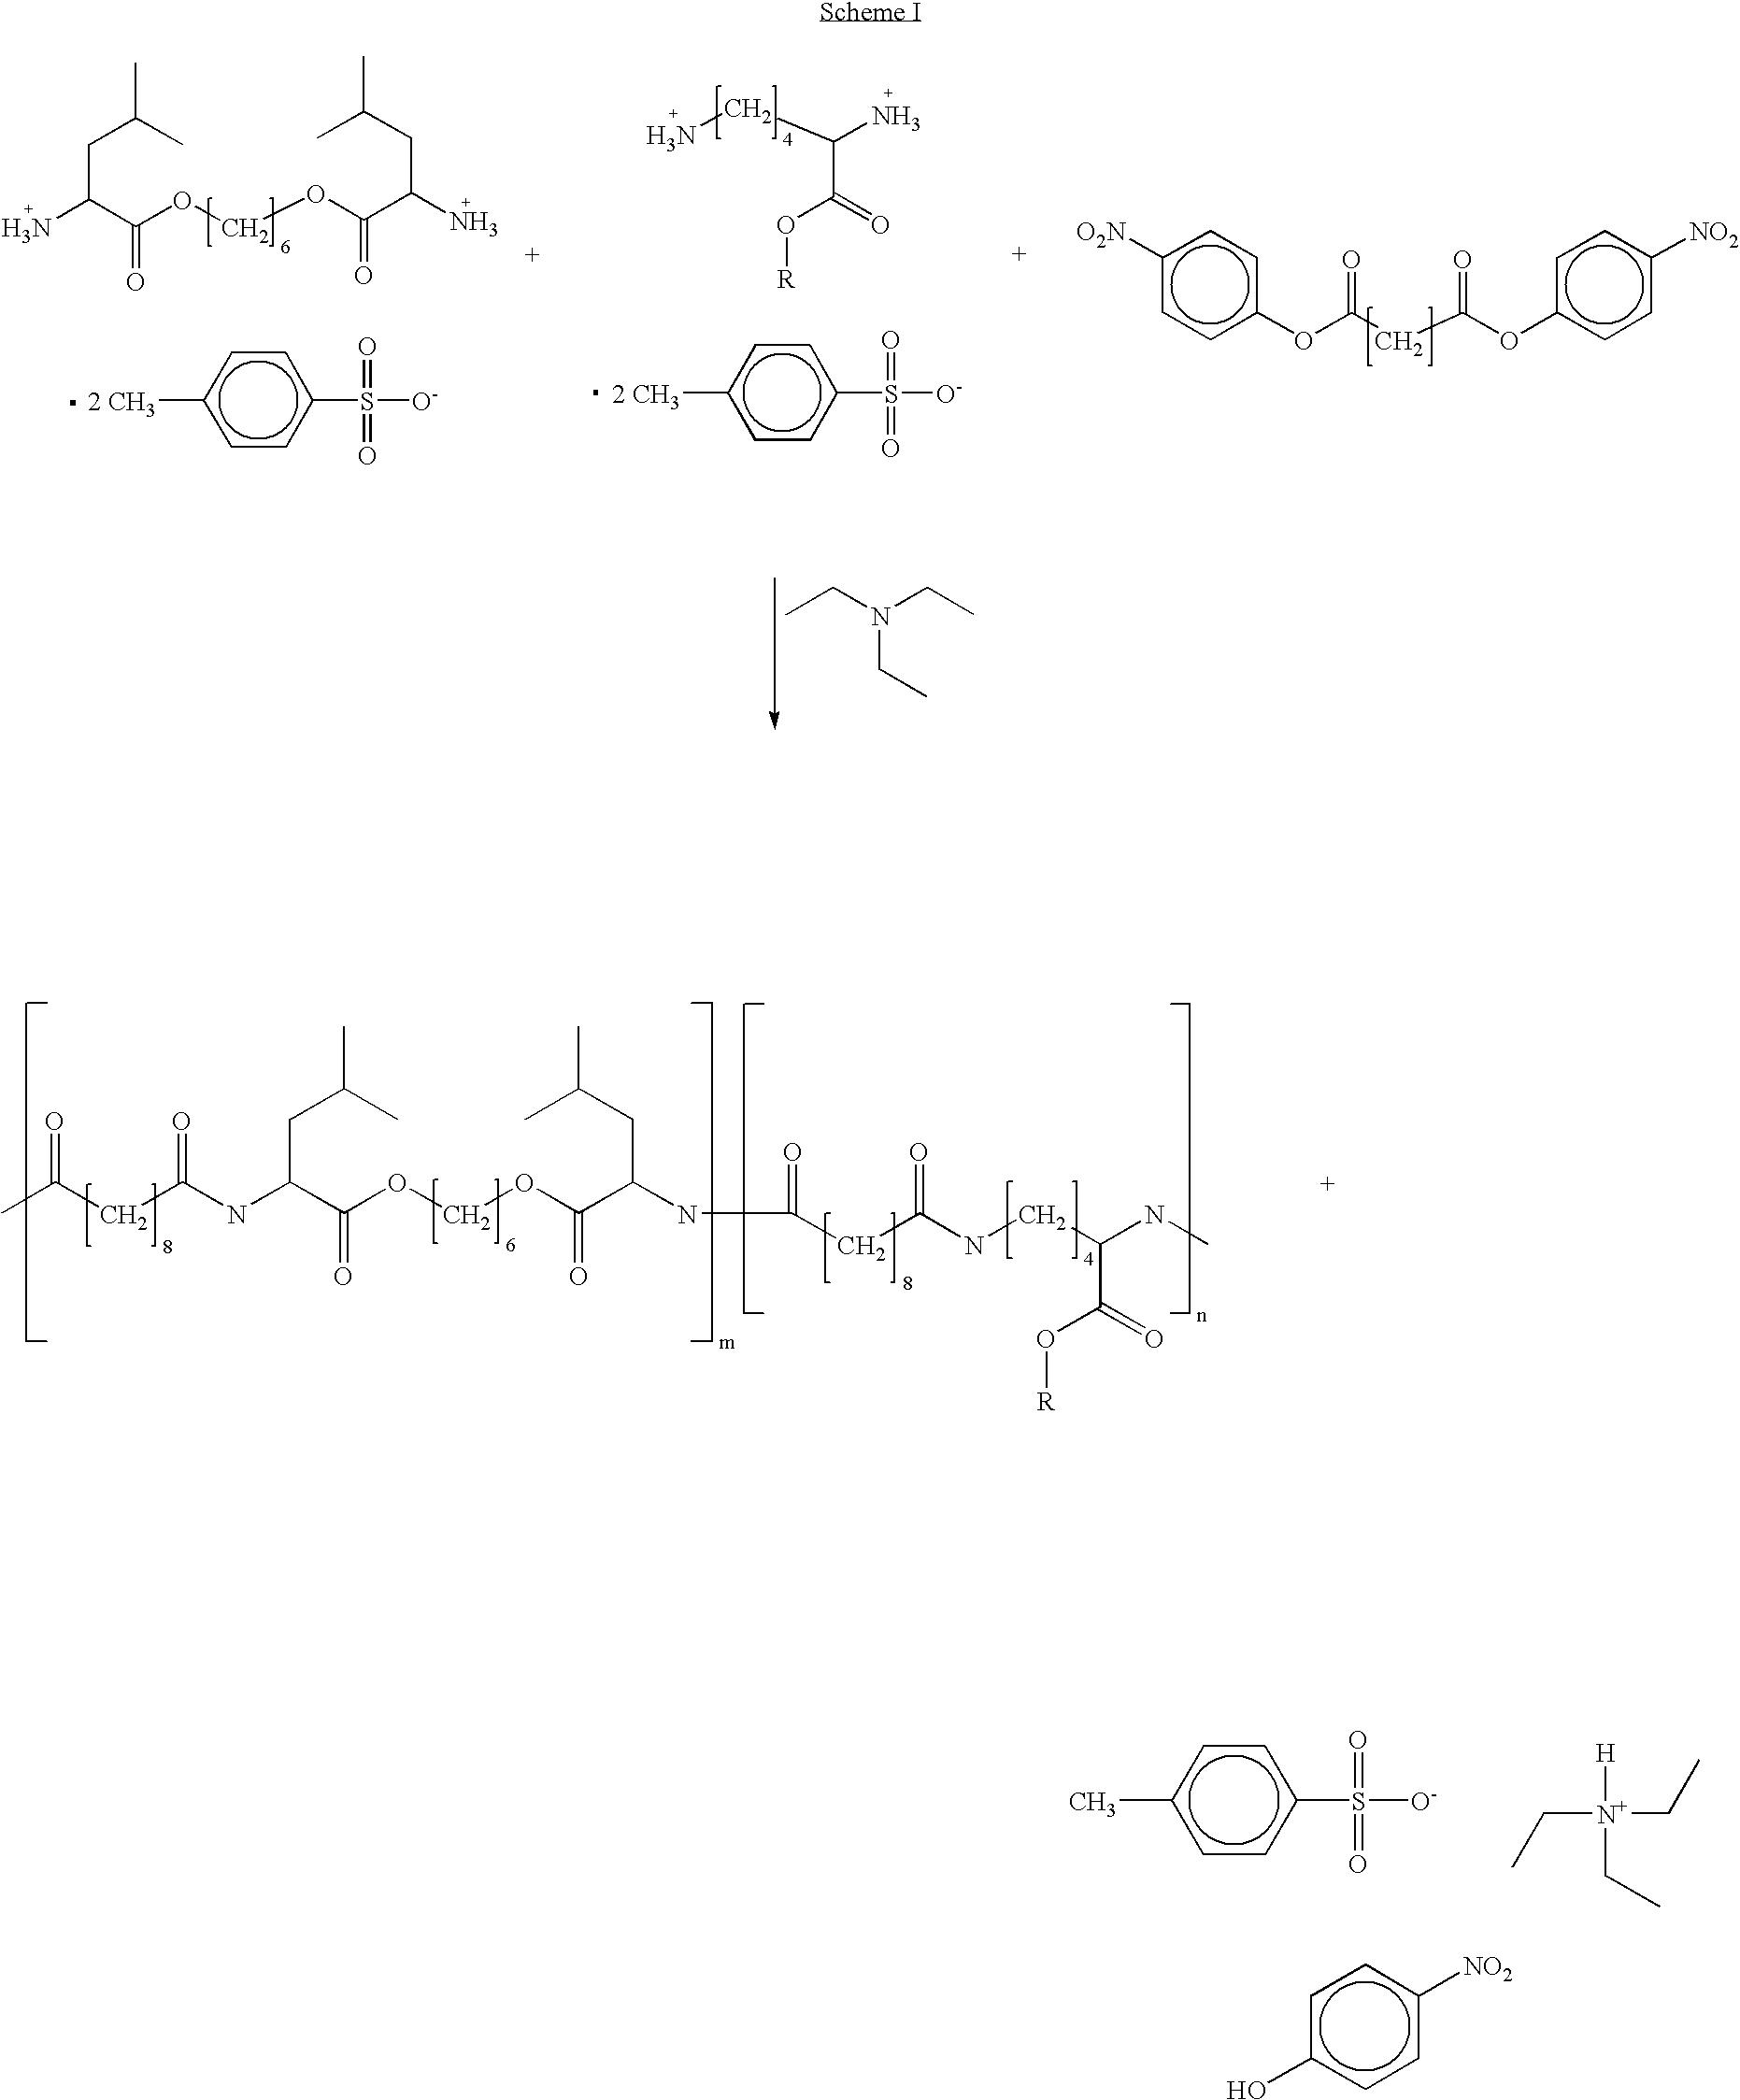 Figure US20070202147A1-20070830-C00004